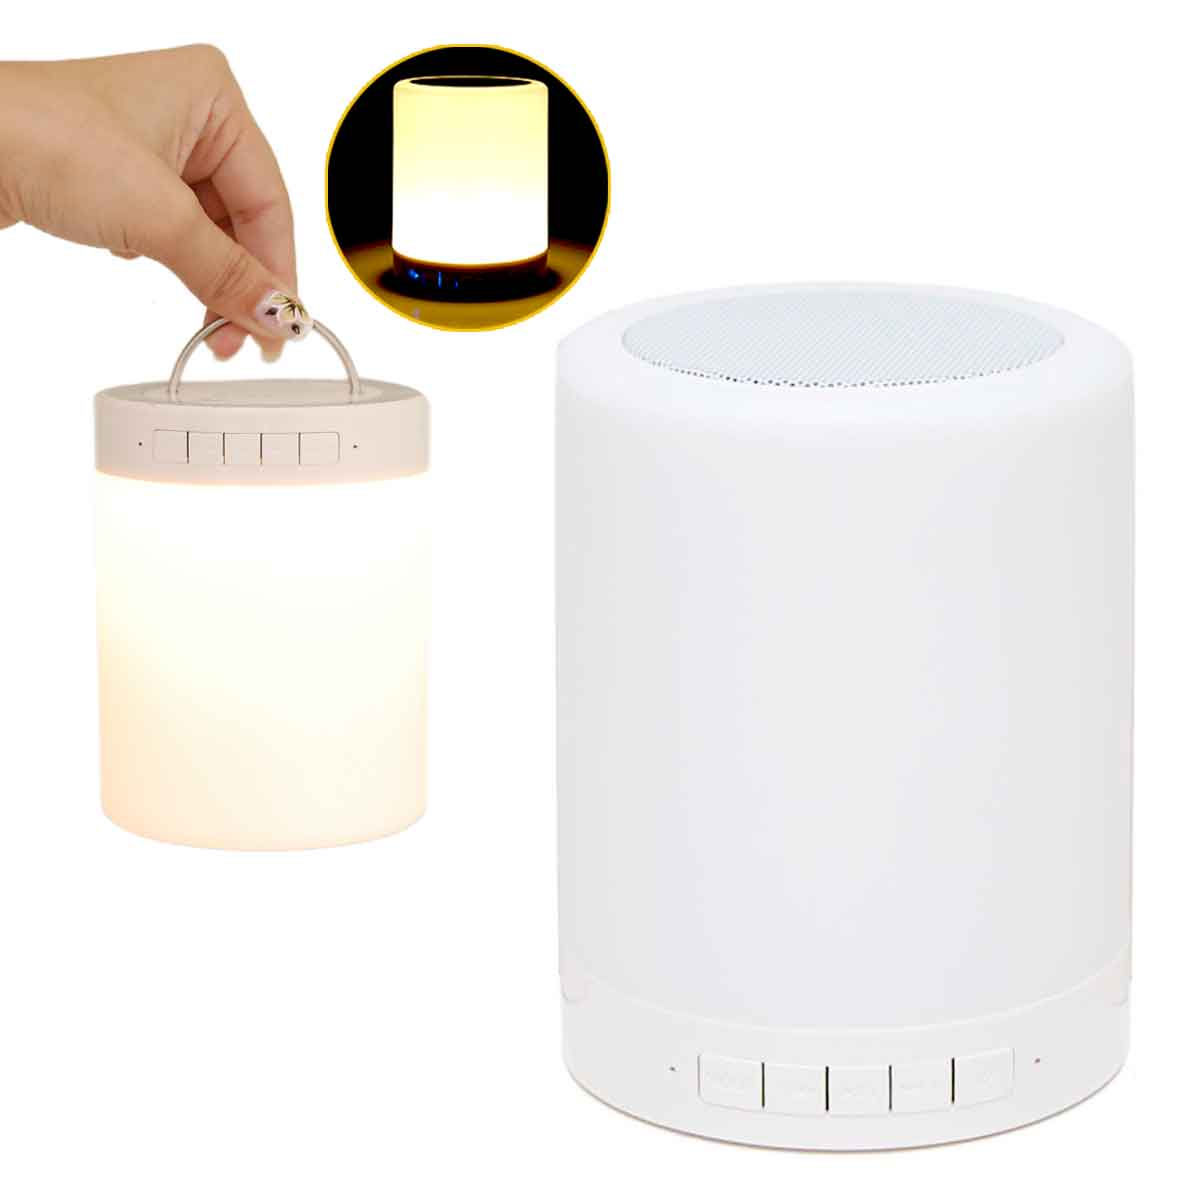 Caixa Som Bluetooth Abajur Luz Led Recarregável Aux Cartão